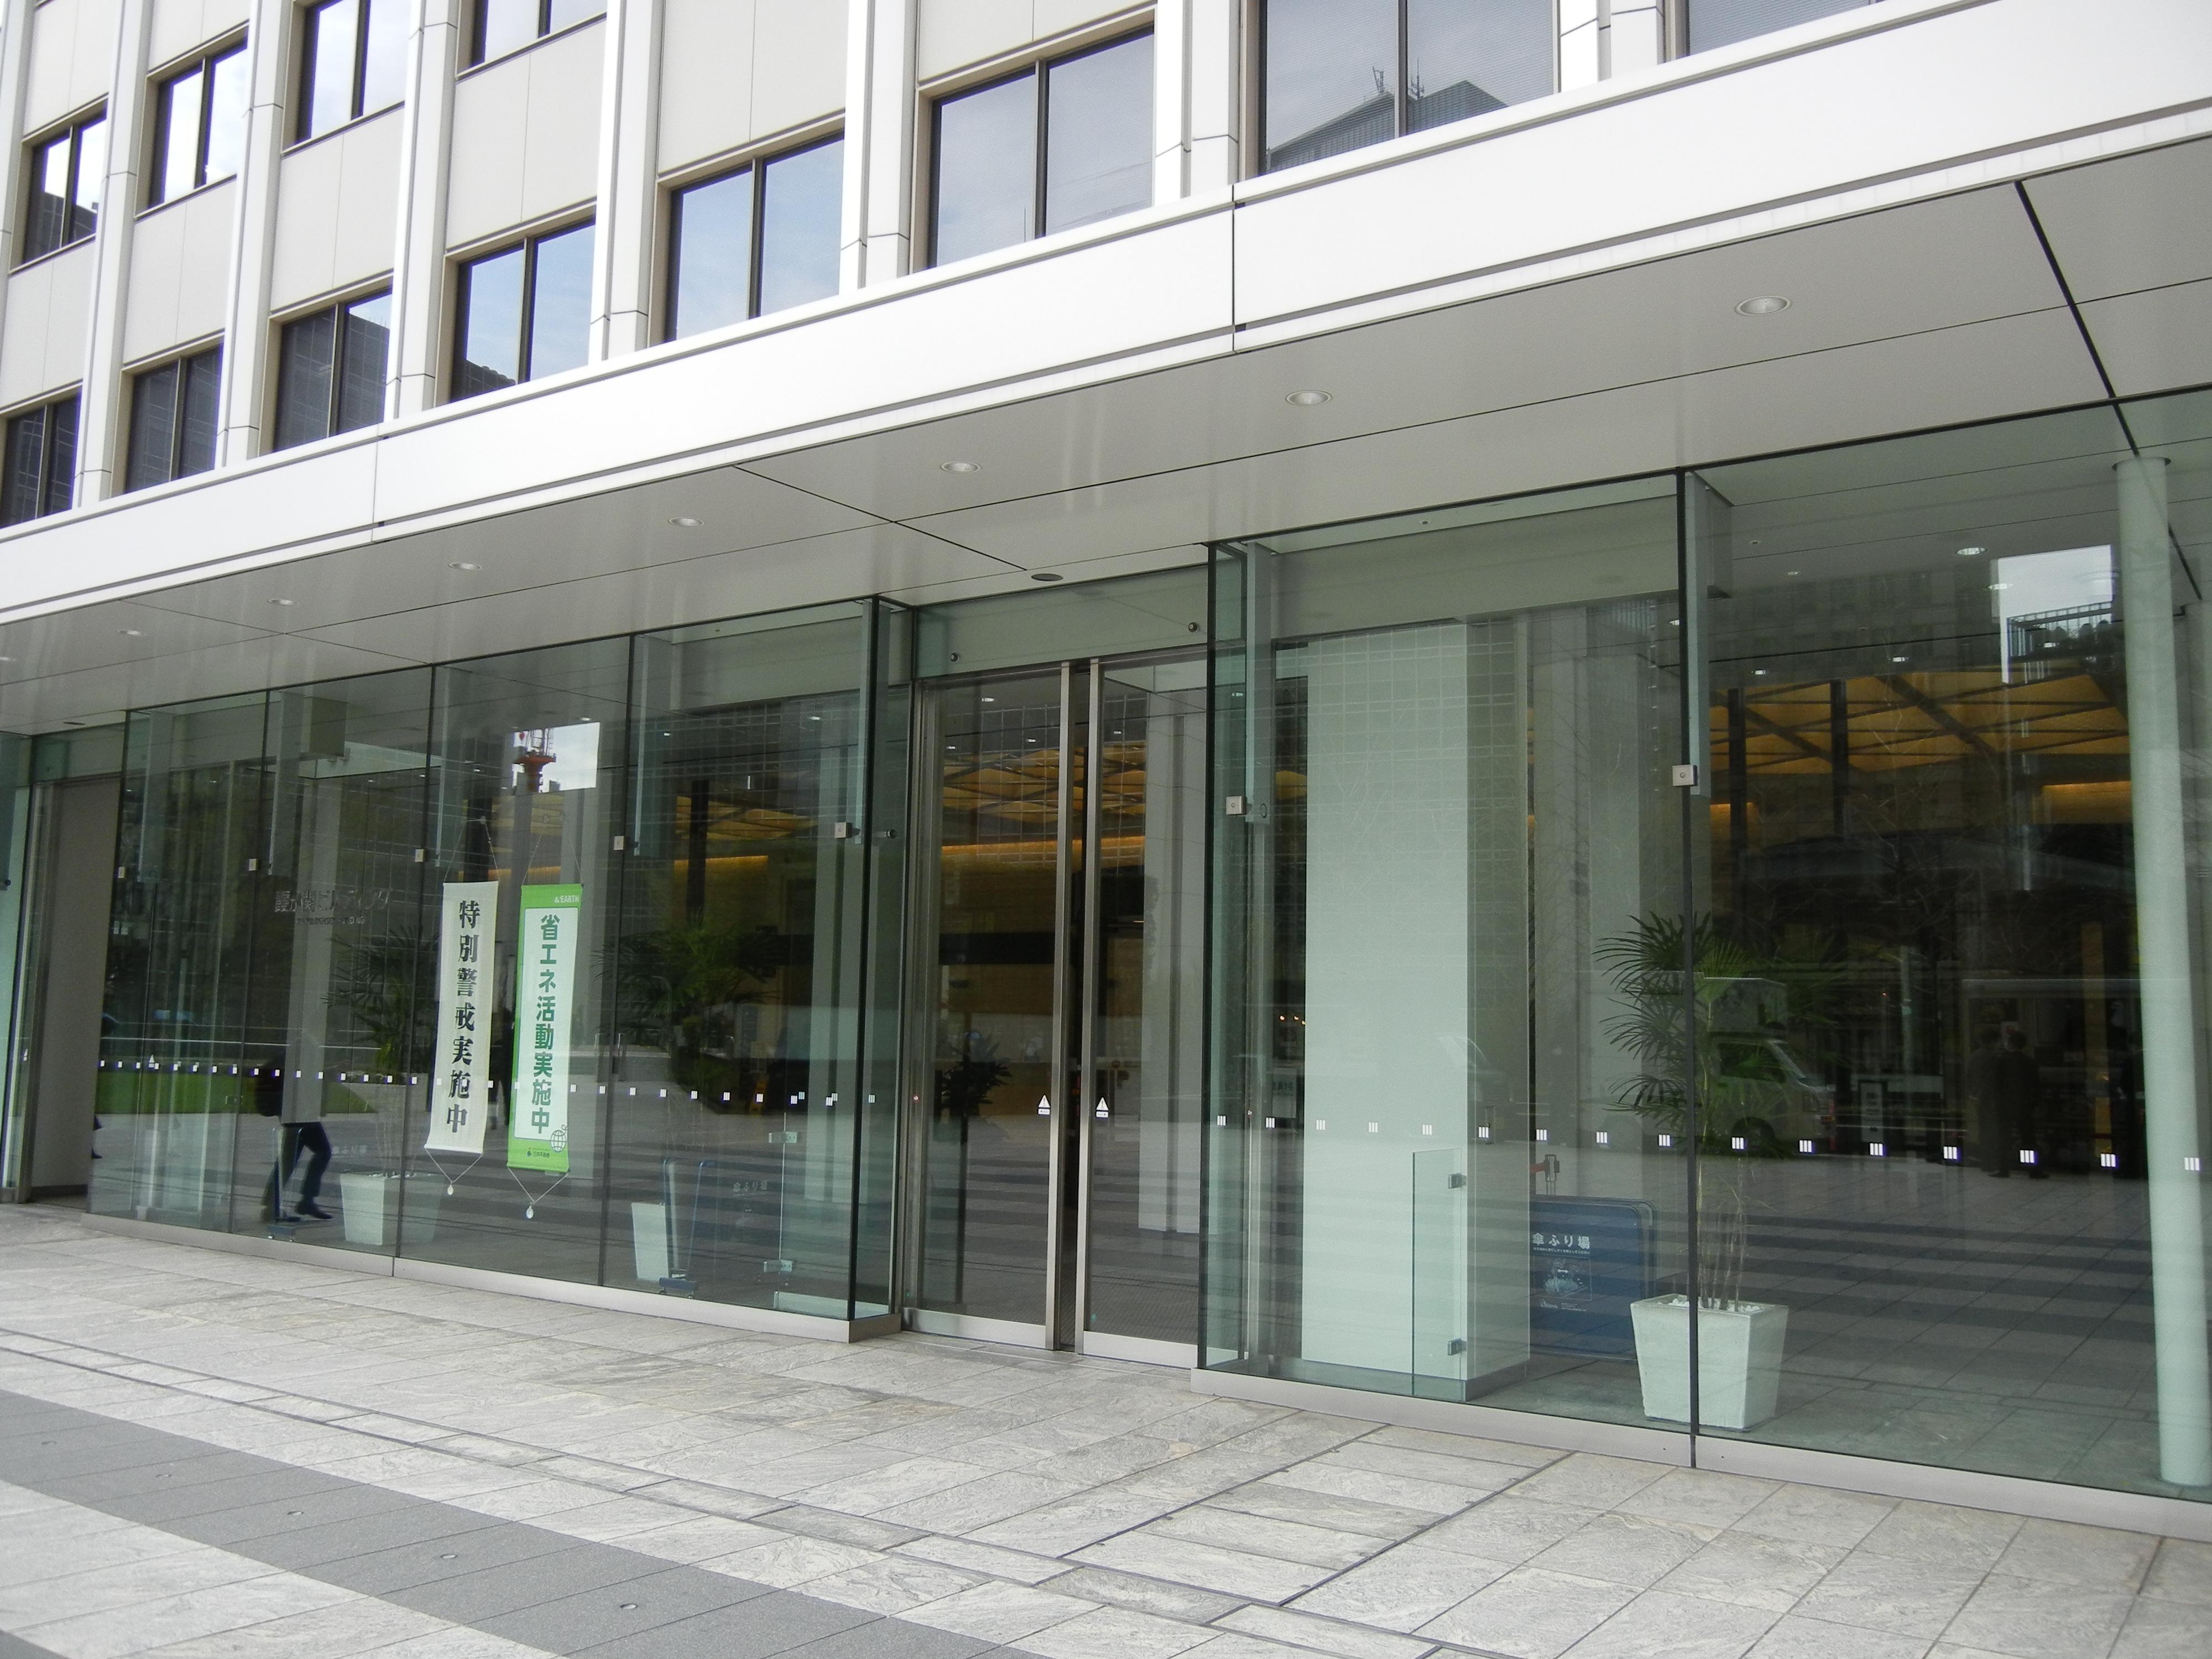 坂を下りると正面に高層ビル(紀尾井町ビル)が見えますので、こちらのビルの8階までお越しください。